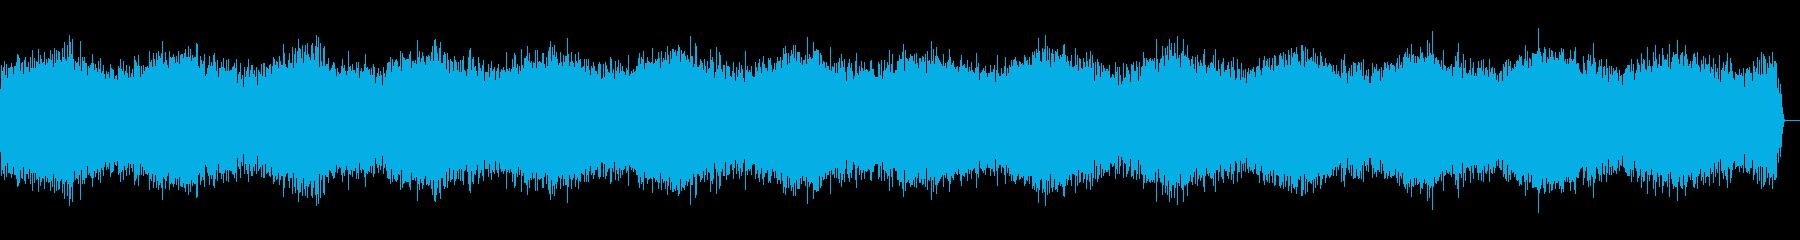 効果音、 電流① の再生済みの波形